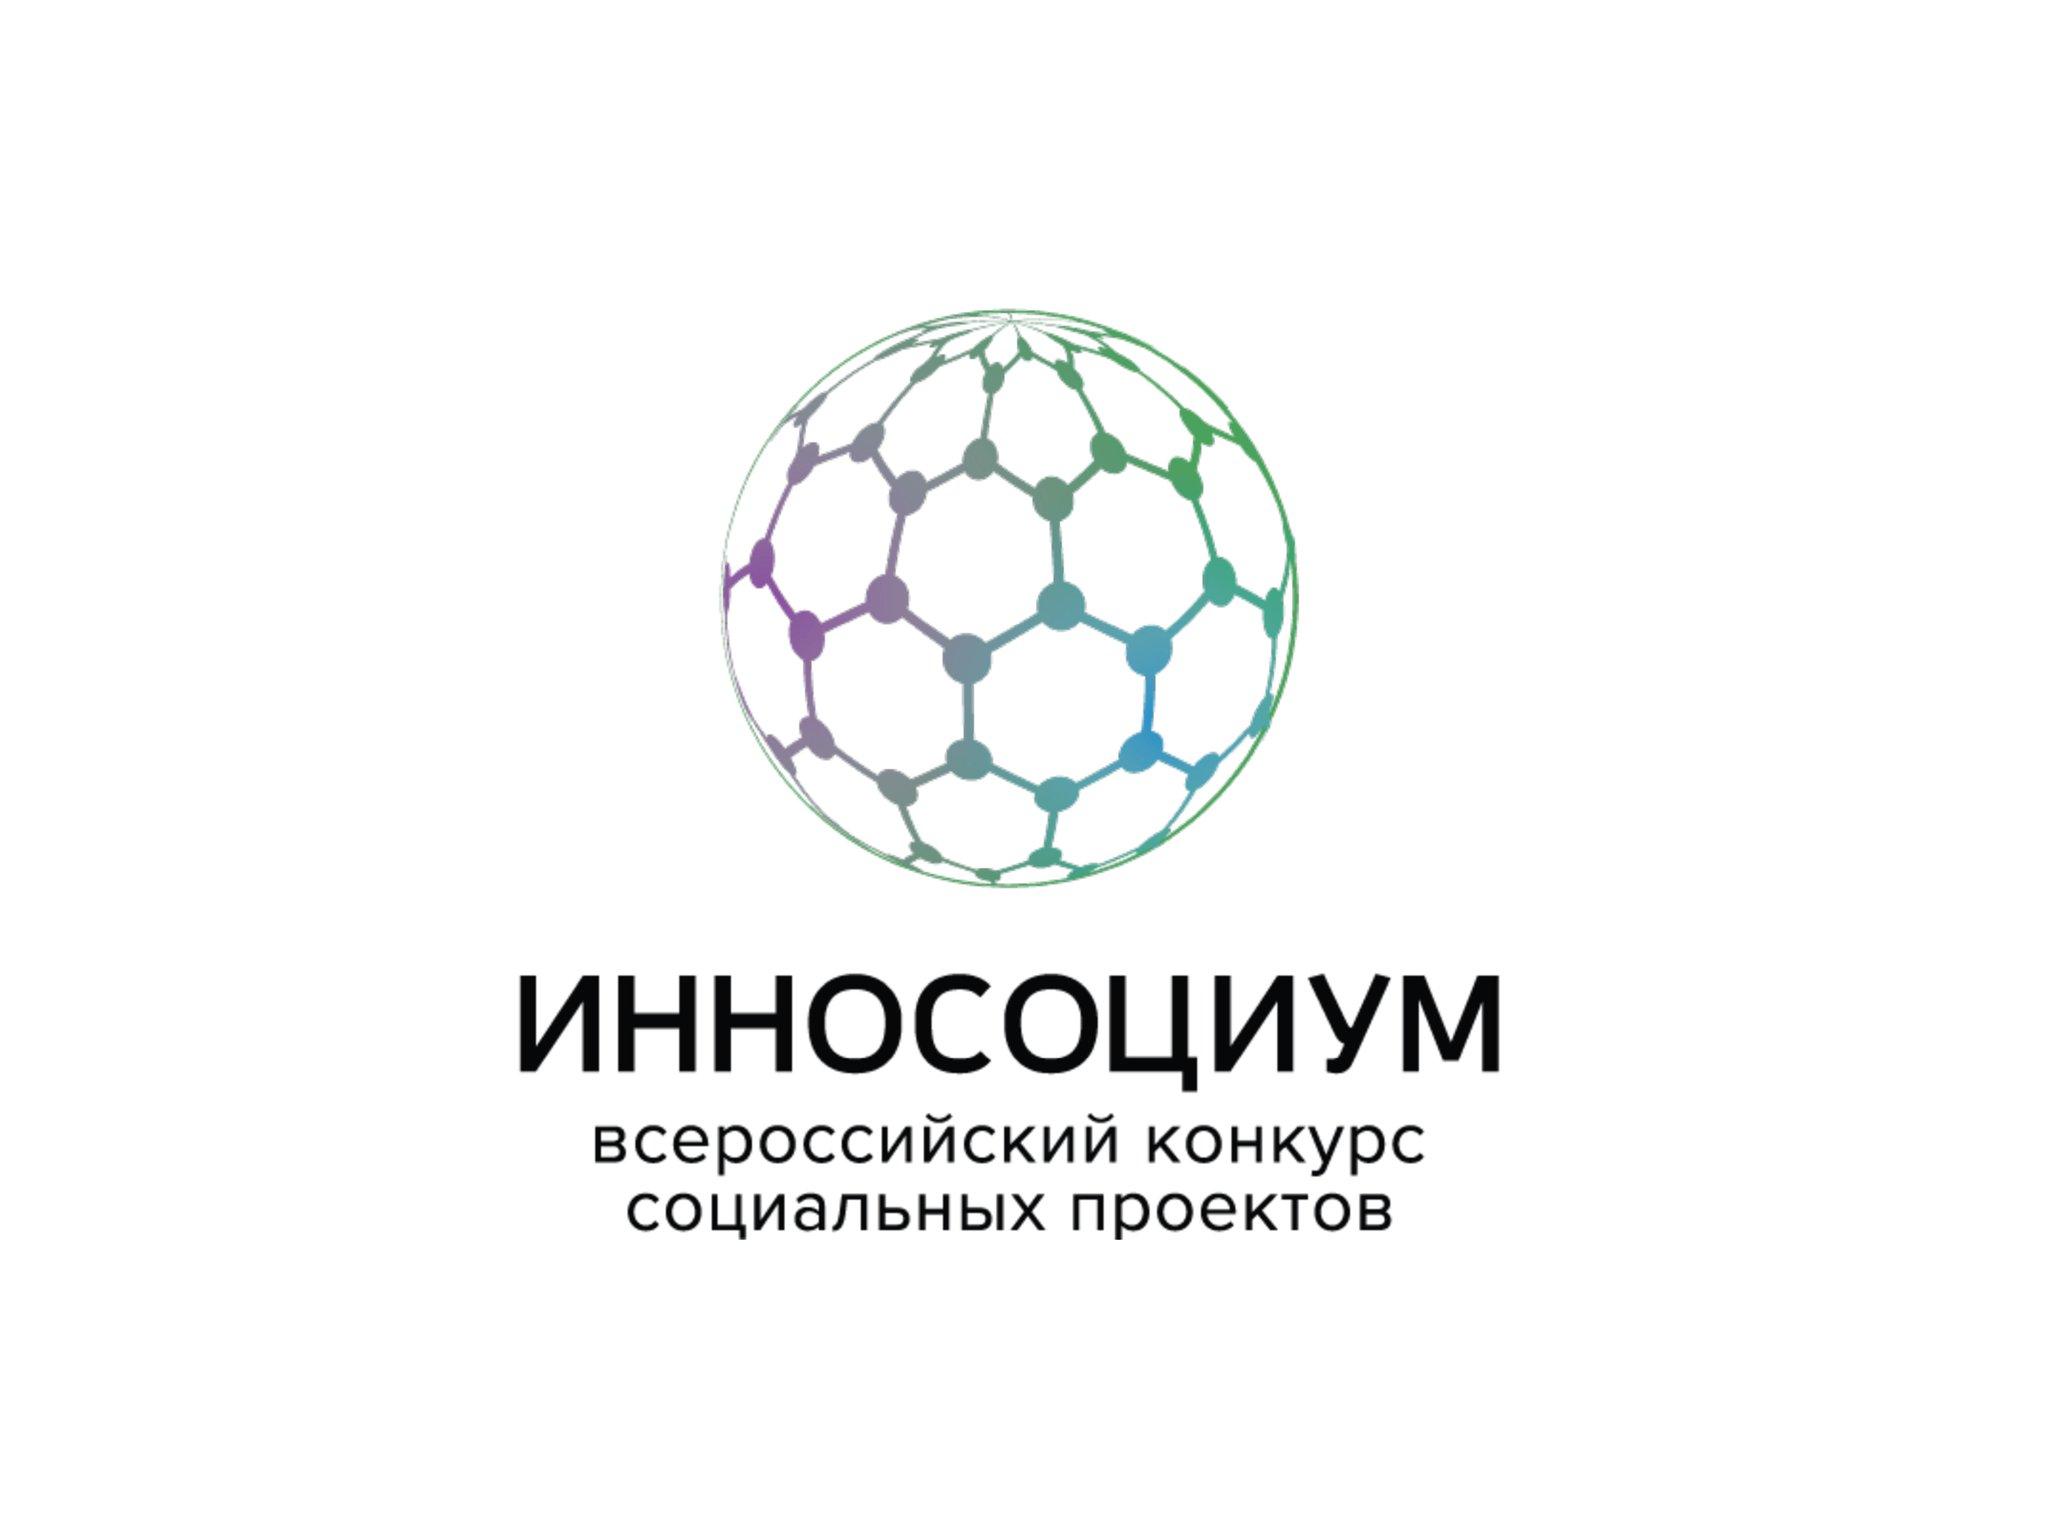 Студенты Тверской области могут представить свои проекты на всероссийский конкурс «Инносоциум»